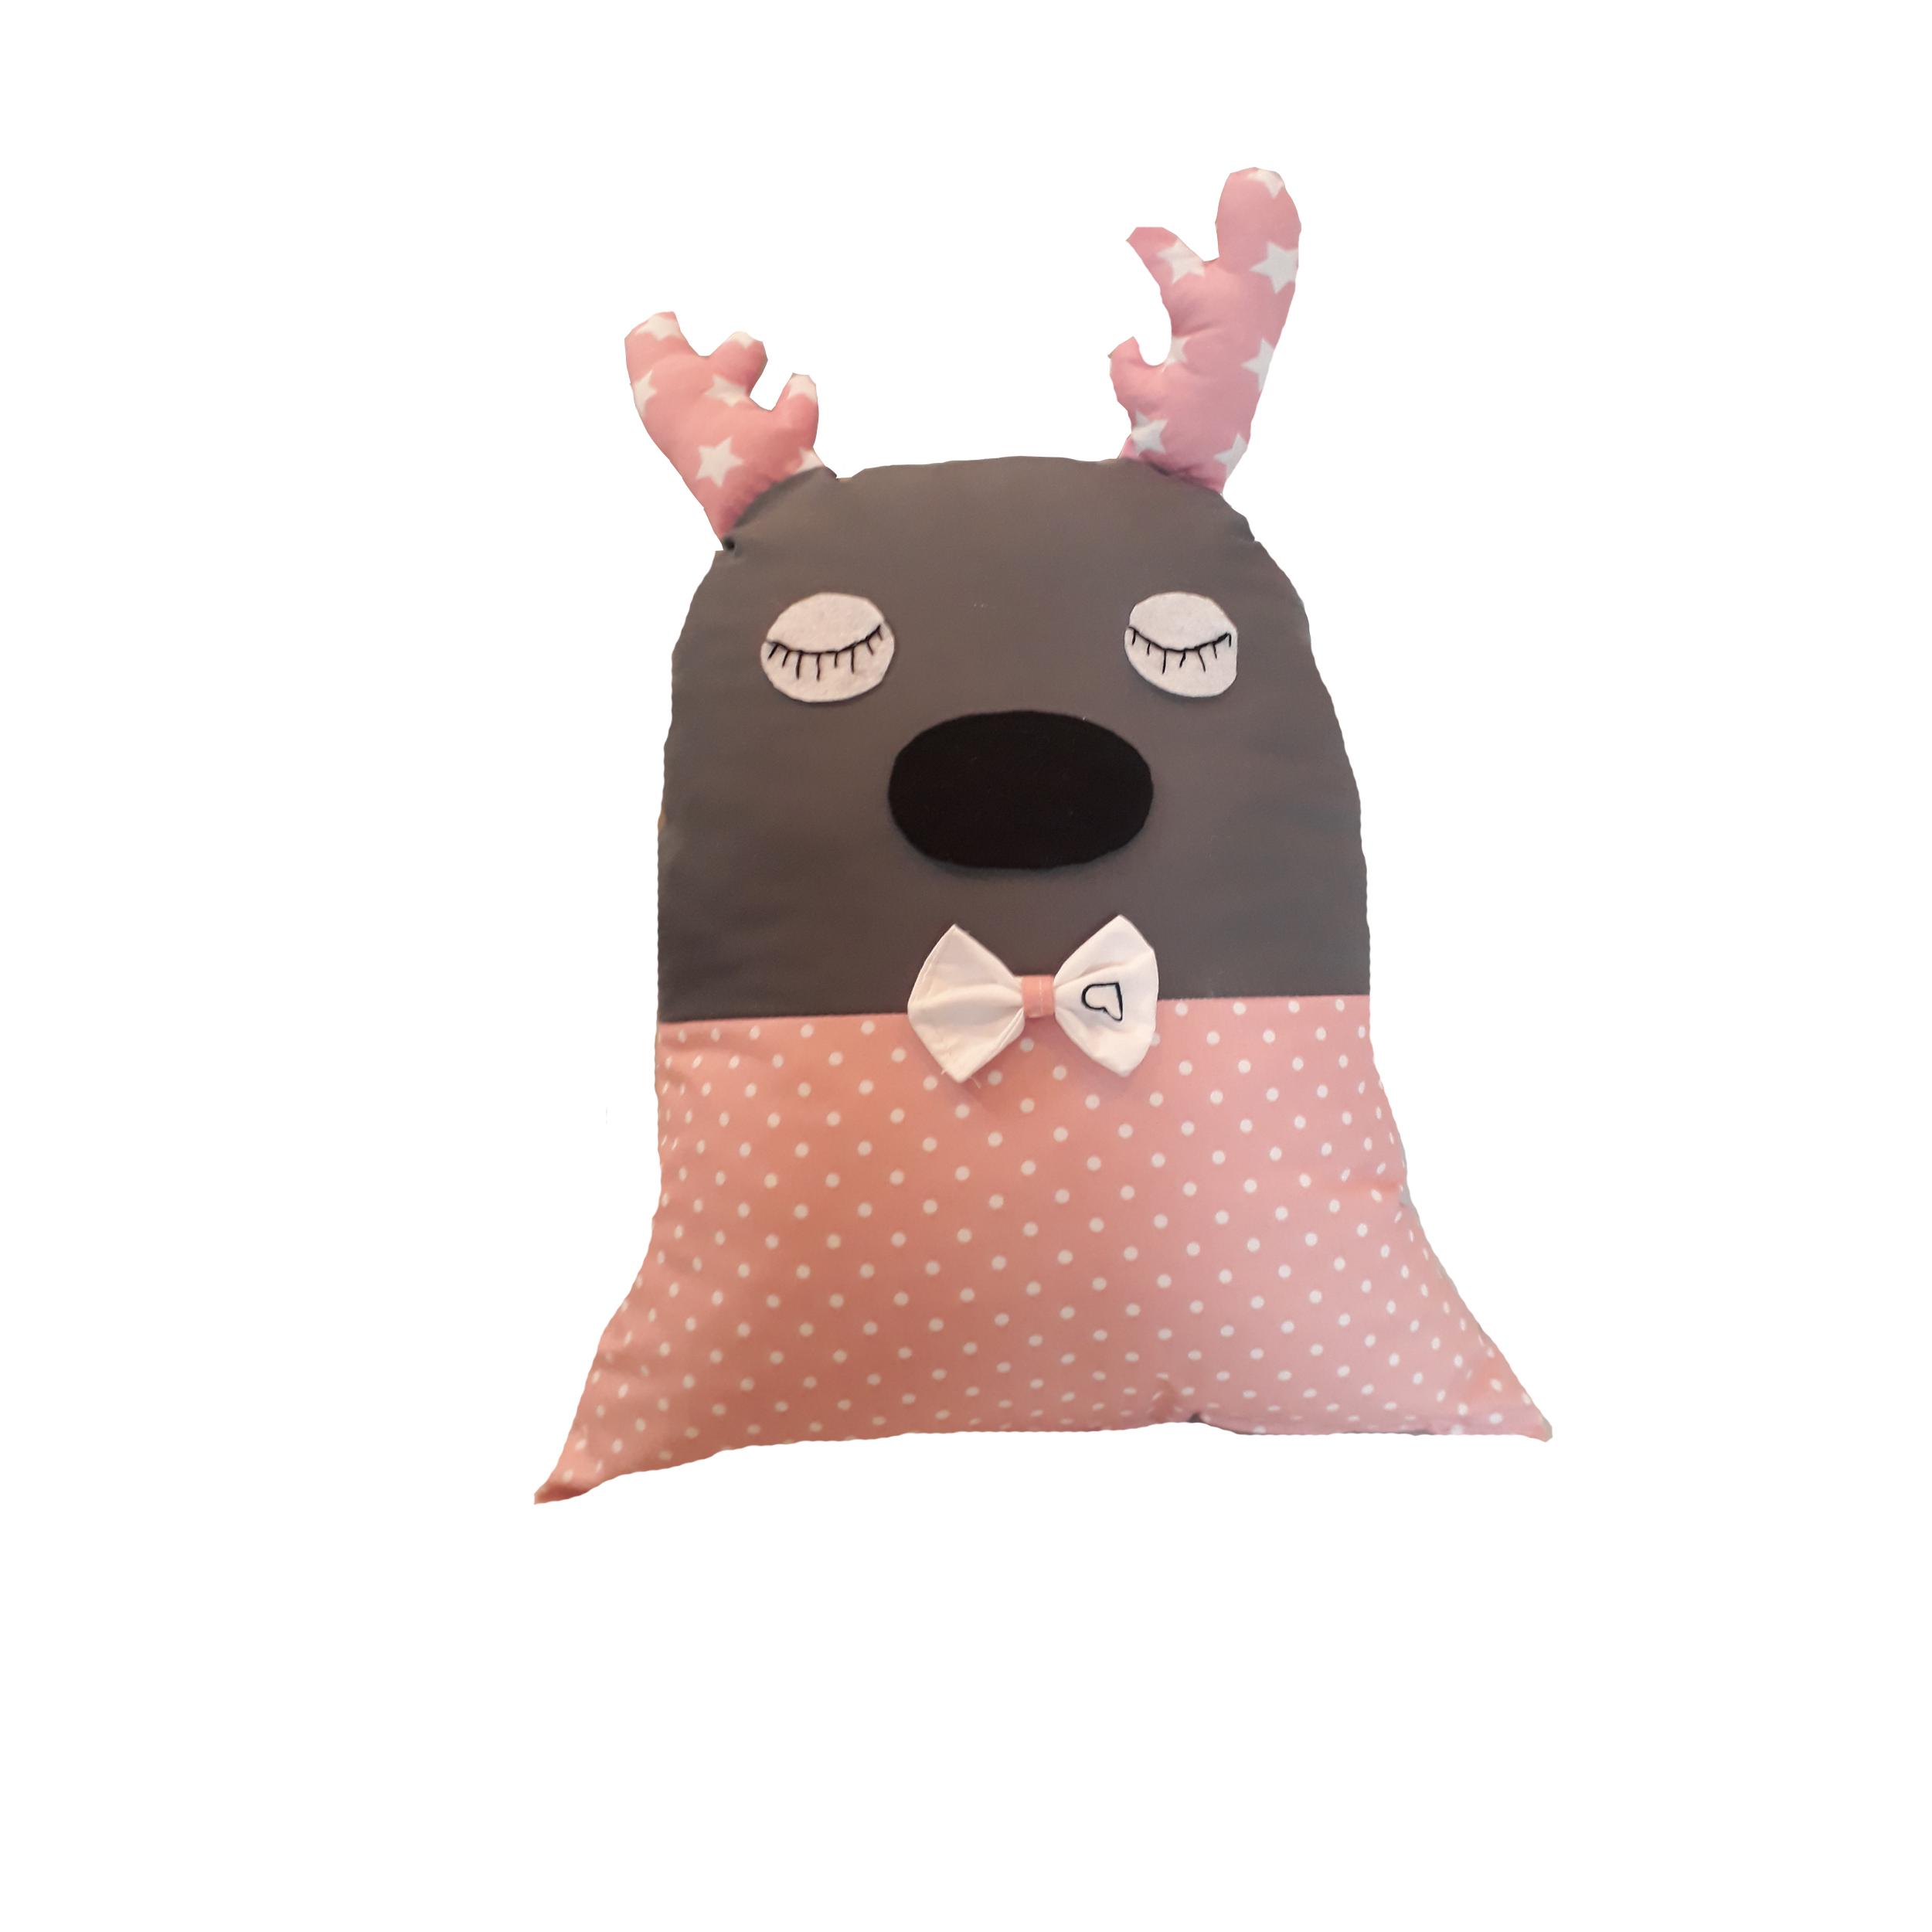 محافظ تخت کودک طرح حیوانات بسته 4 عددی